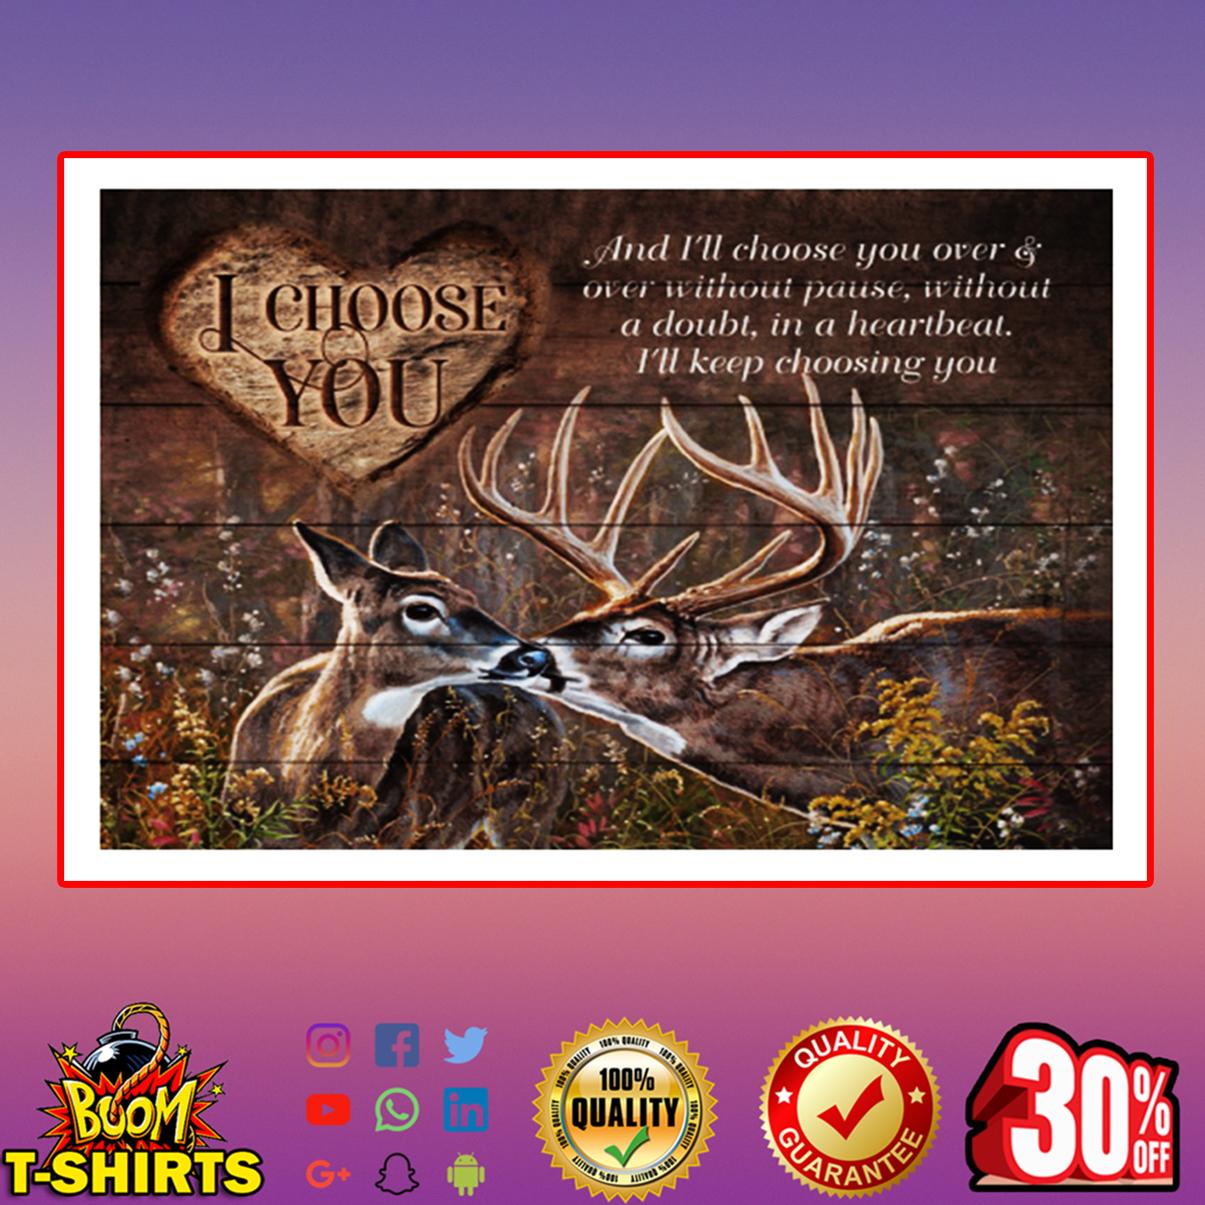 Deer I choose you poster 24x16